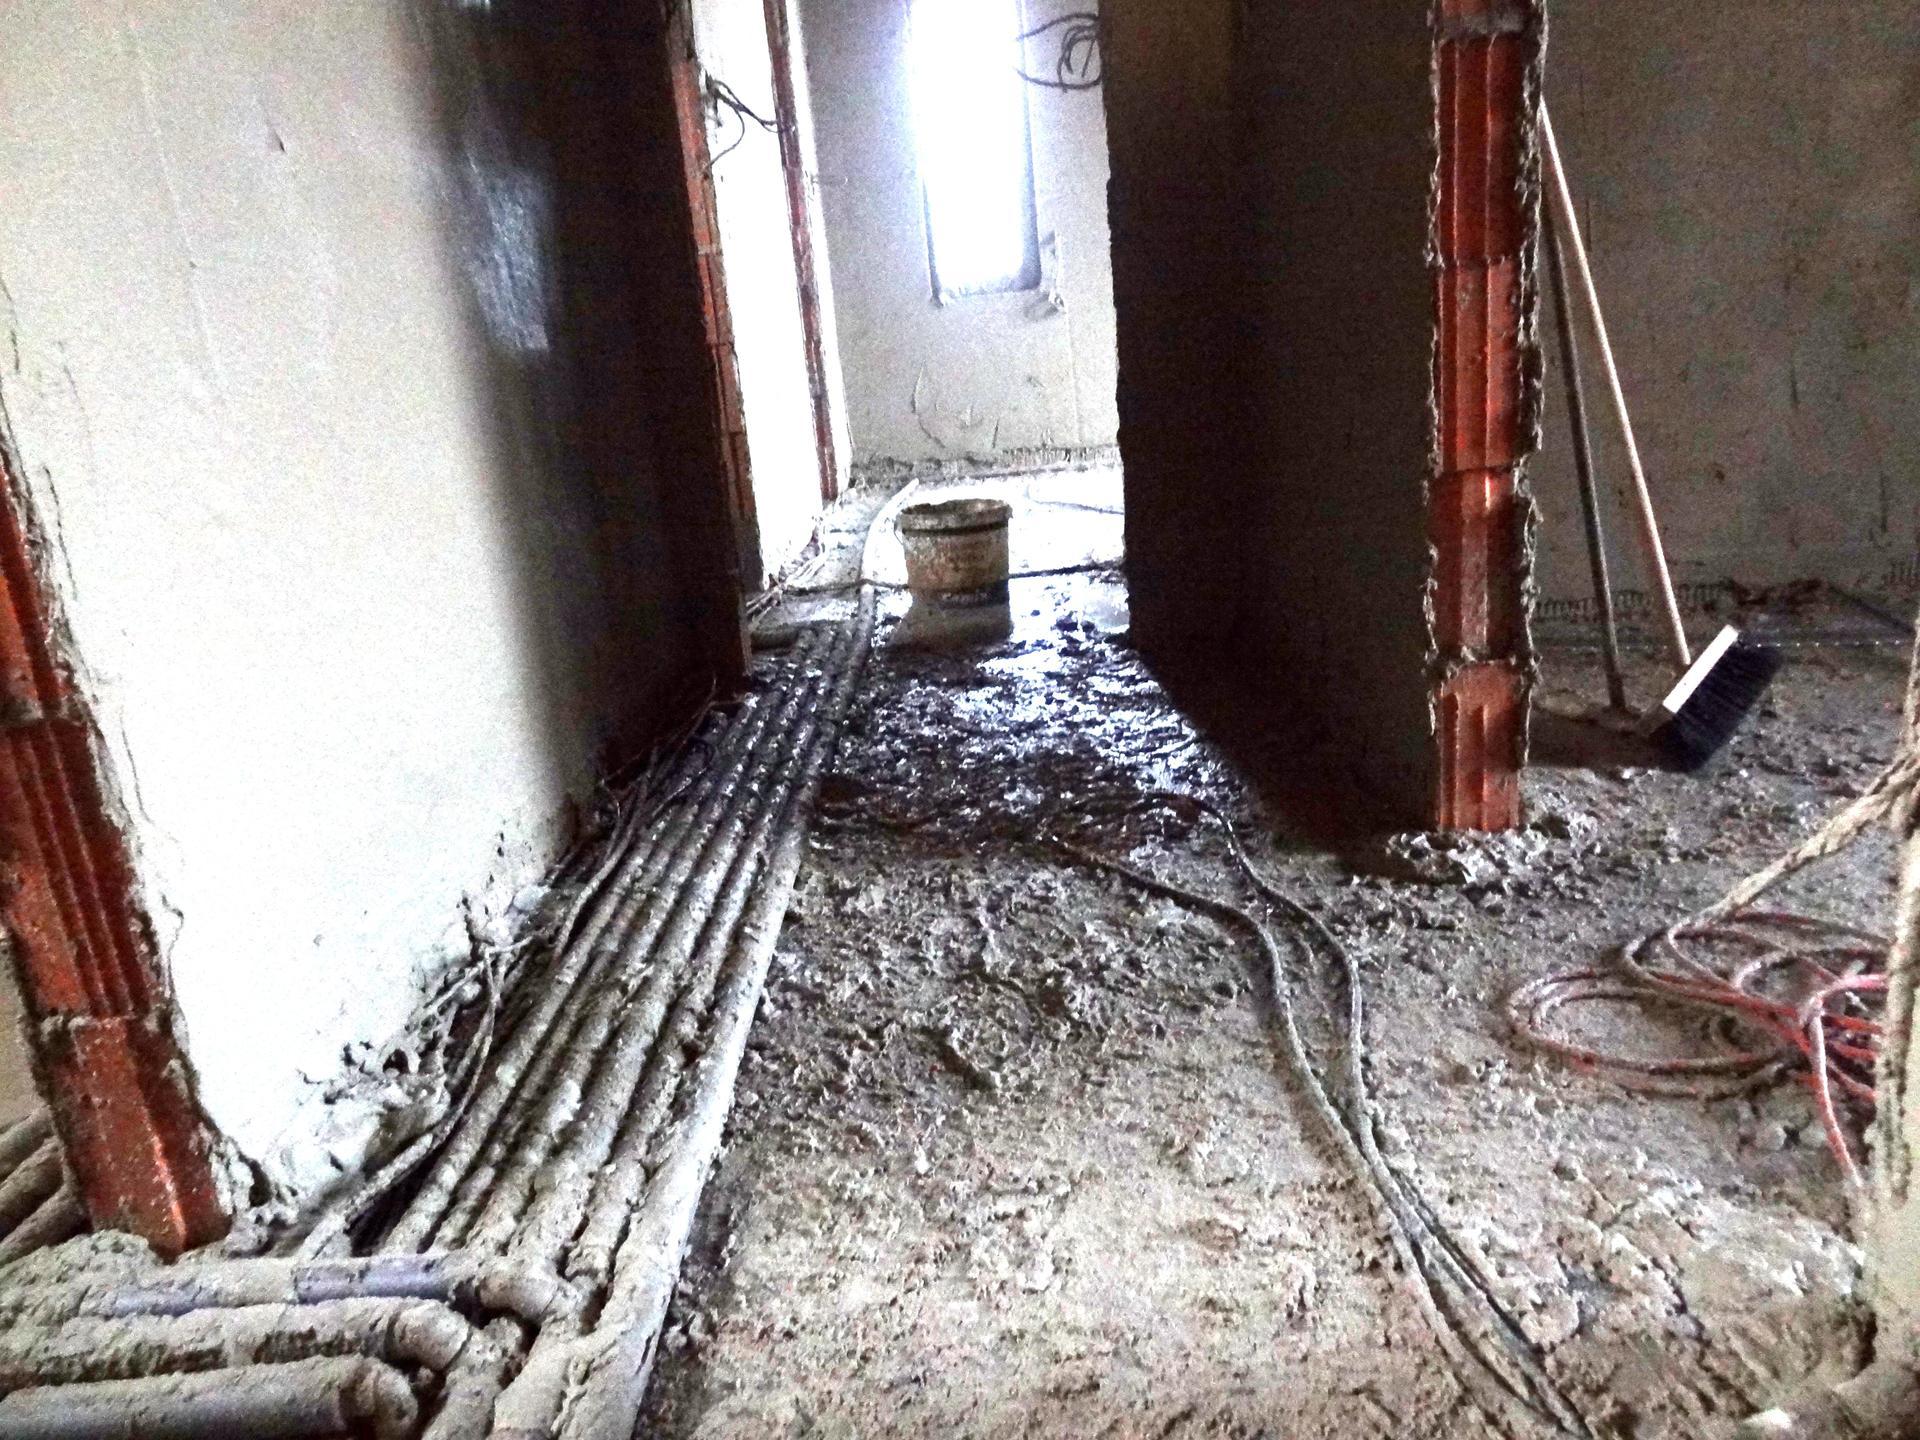 Stavba domečku pokračuje - Omítky, včera jsem zametala, aby tam nebyl před příchodem pánů nepořádek...